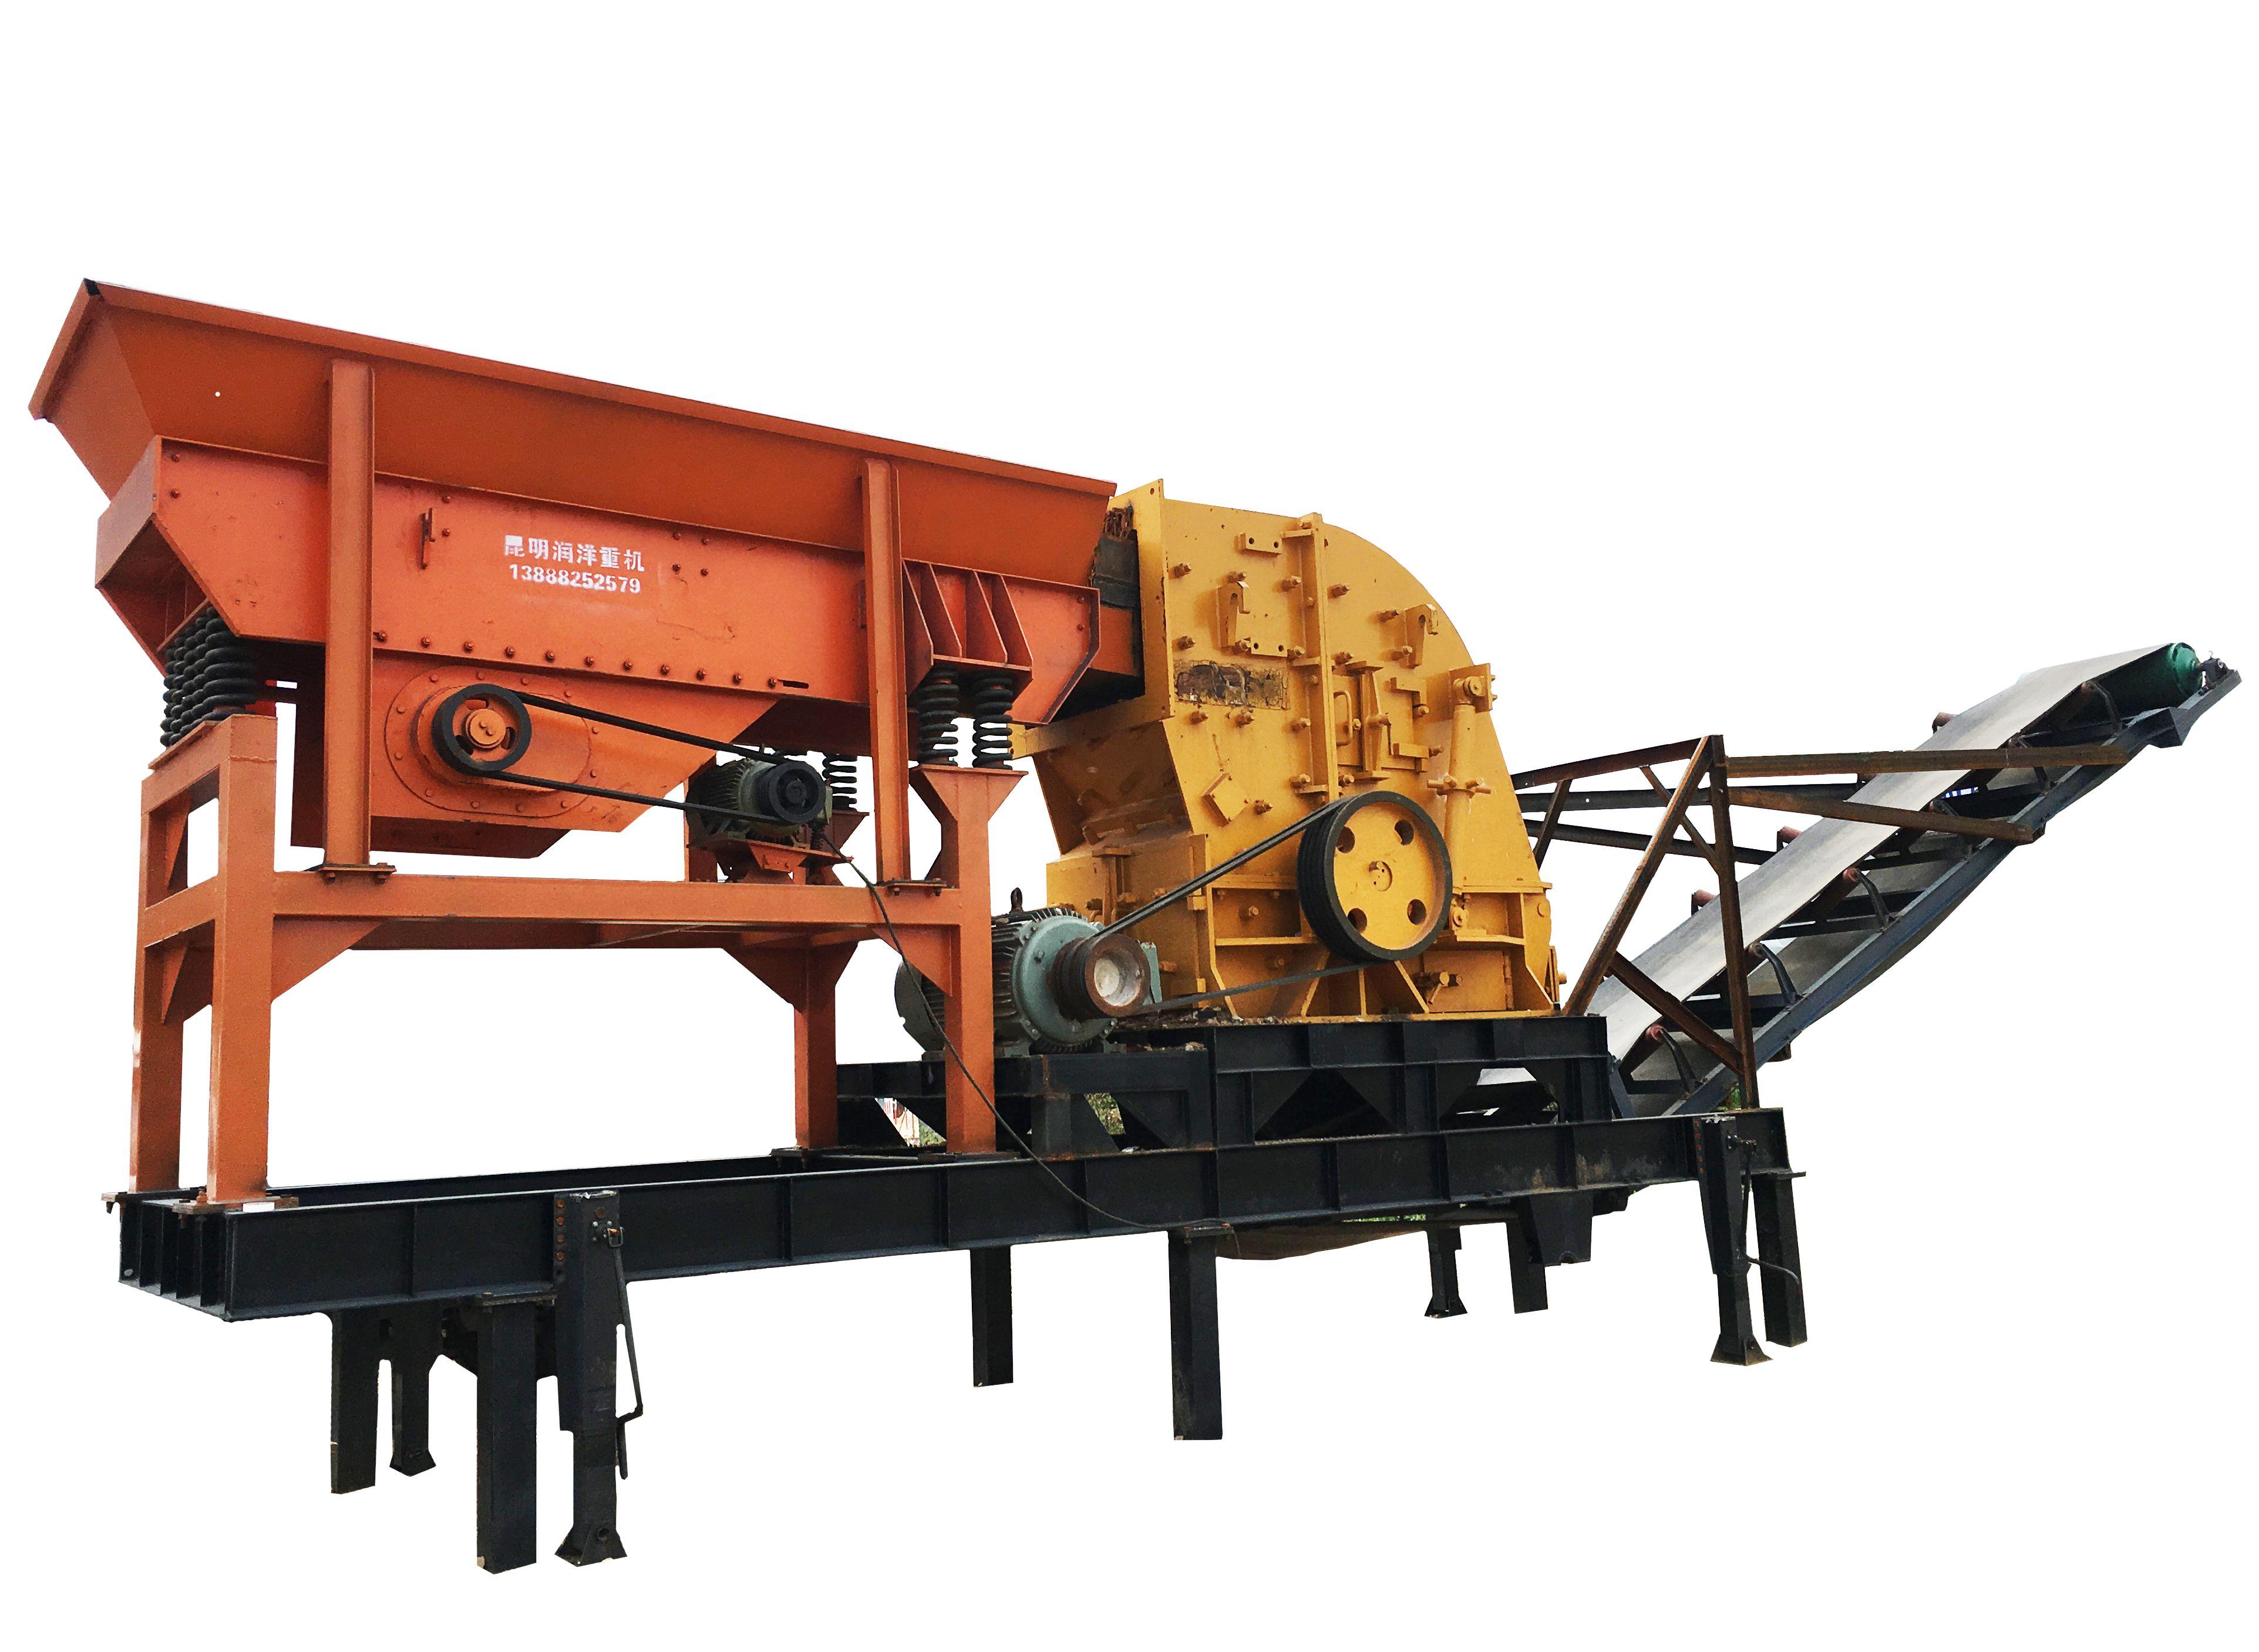 昆明礦山用移動破碎站 移動制砂機 煤炭沙石子破碎制砂機 廠價直銷